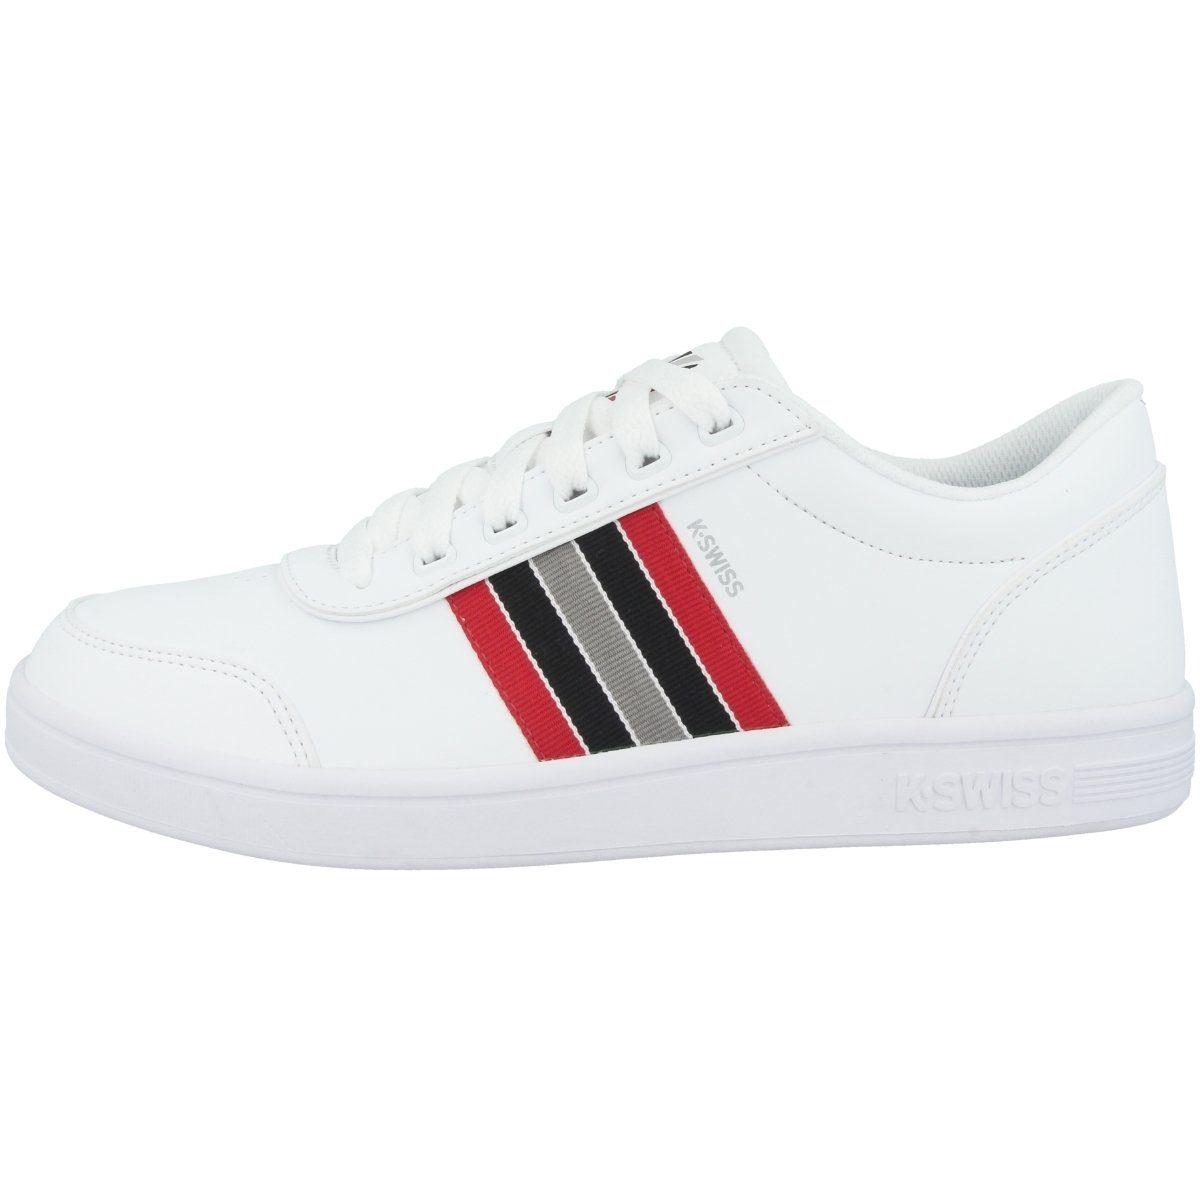 K Swiss »Court Clarkson S« Sneaker online kaufen | OTTO